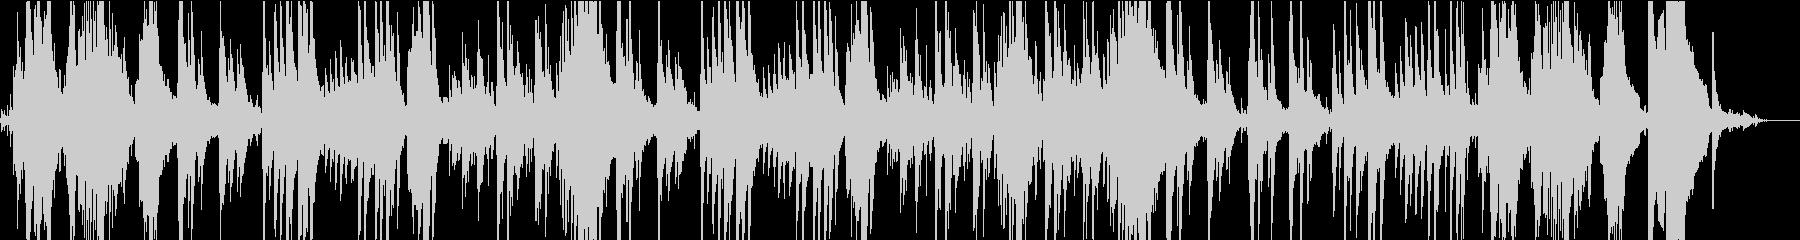 水の音と癒やしの印象派風のピアノ曲の未再生の波形